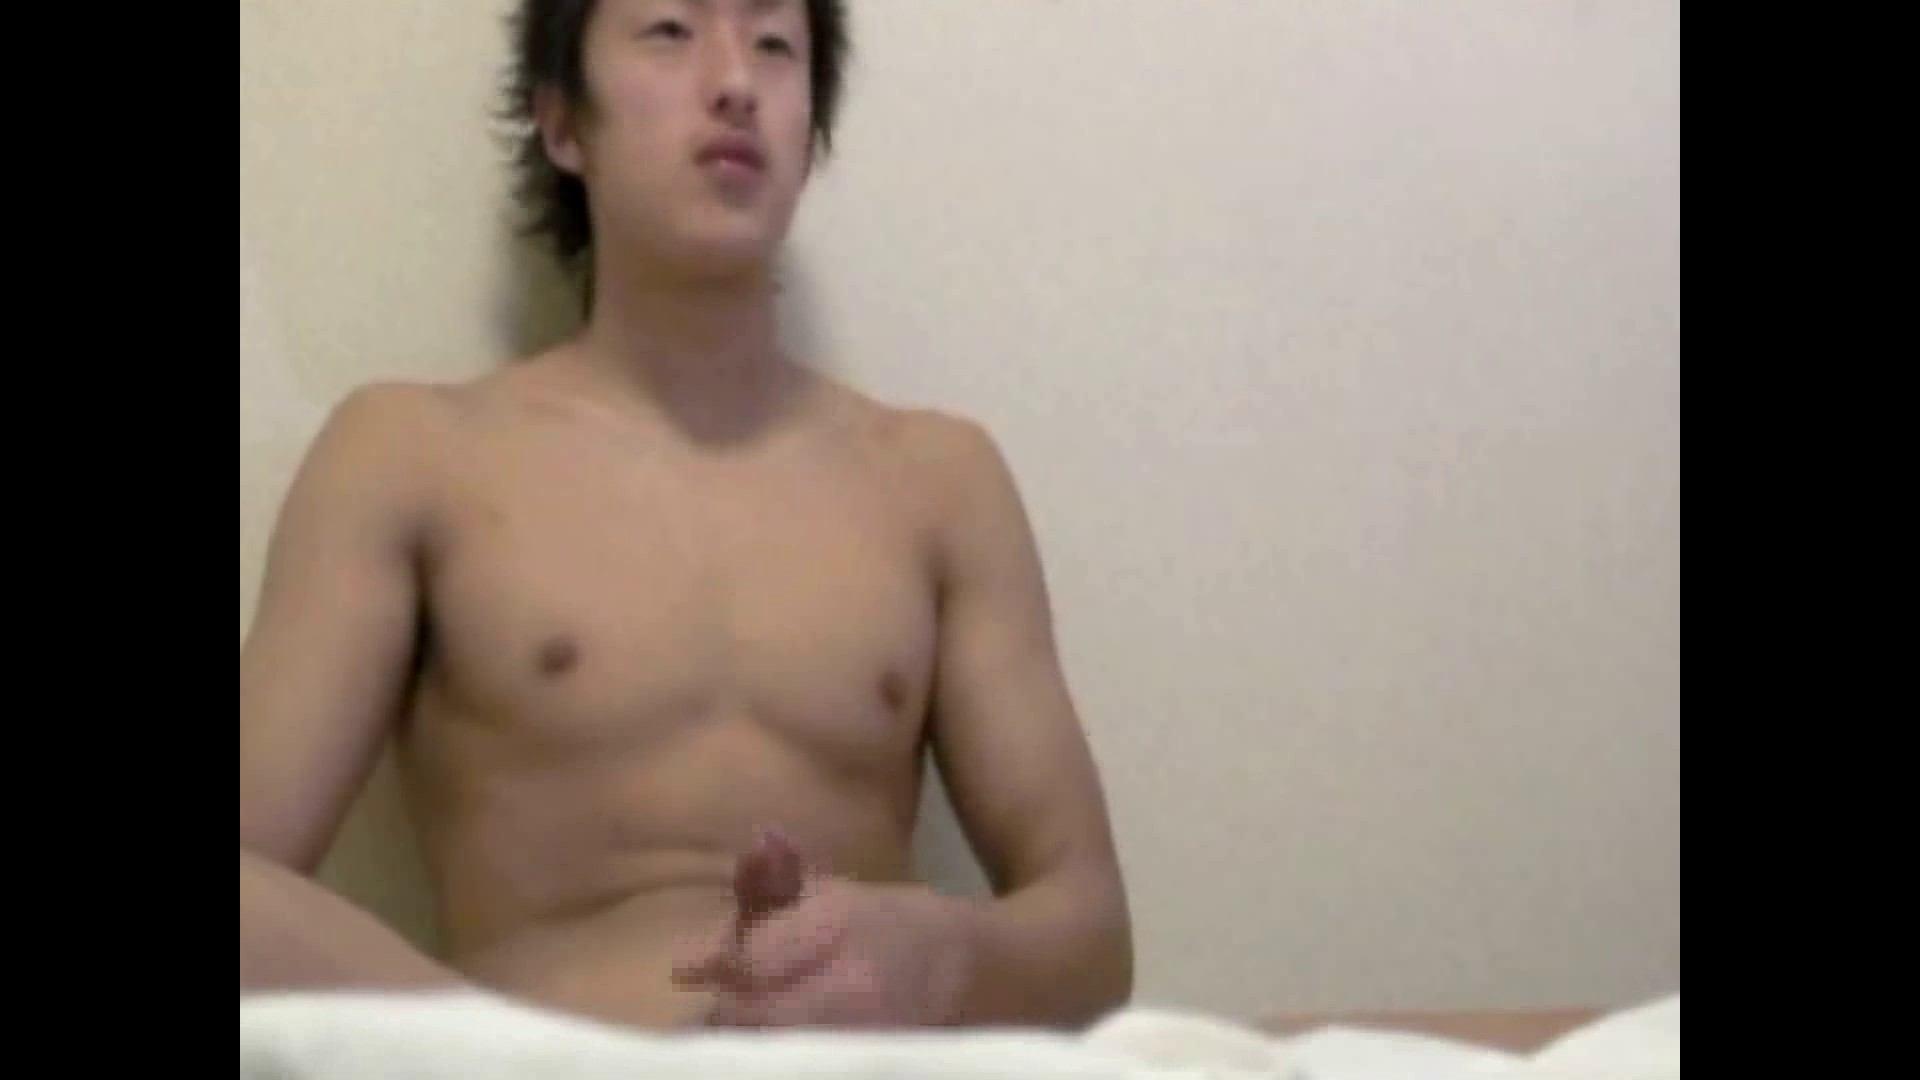 イカせ屋 Vol.03 風呂天国   流出特集 ゲイAV画像 115枚 90